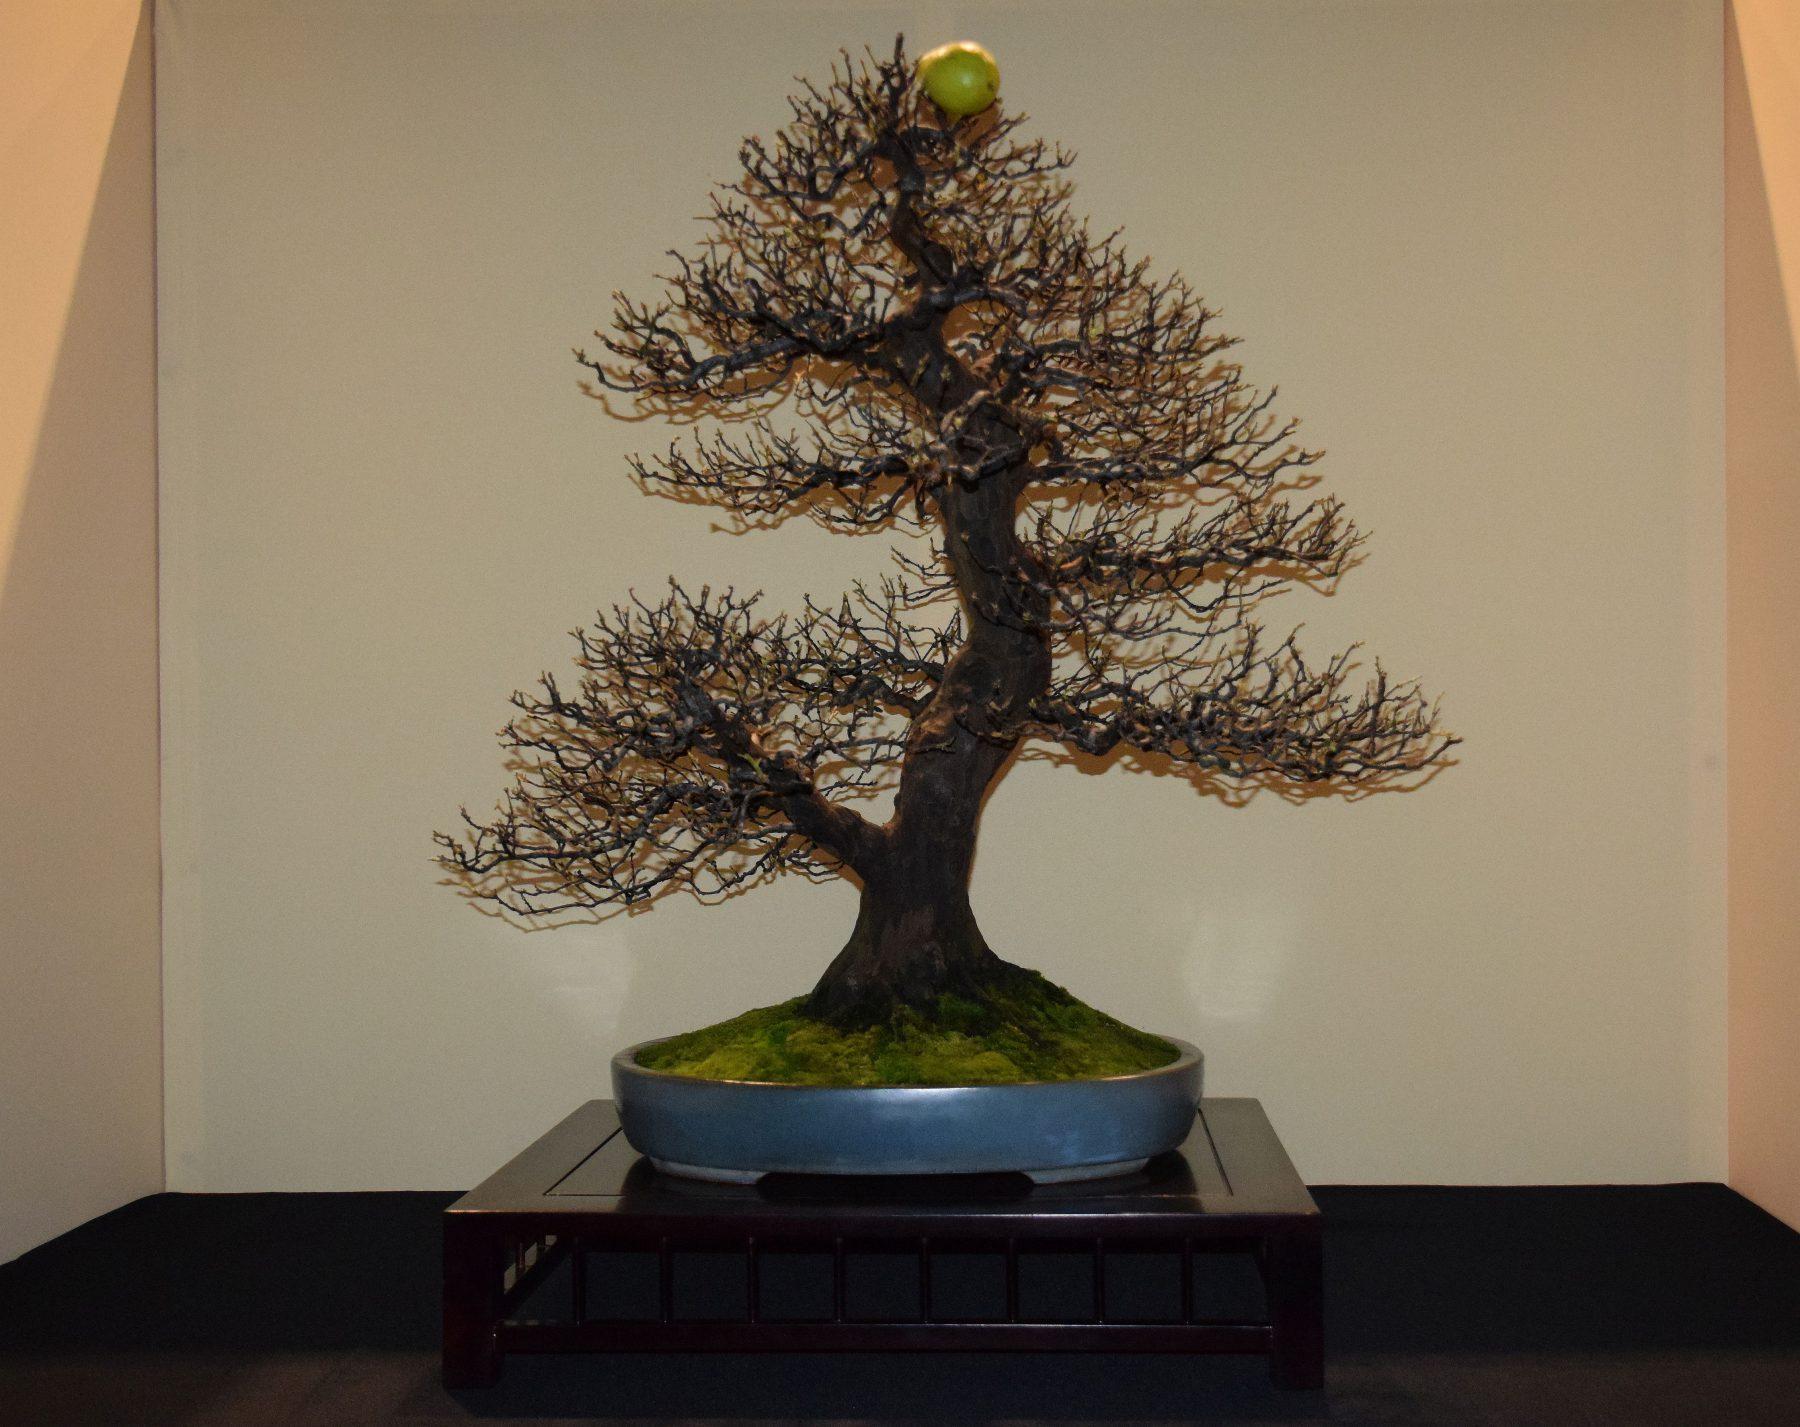 euk-bonsai-ten-2016-jp-polmans-collectie-001